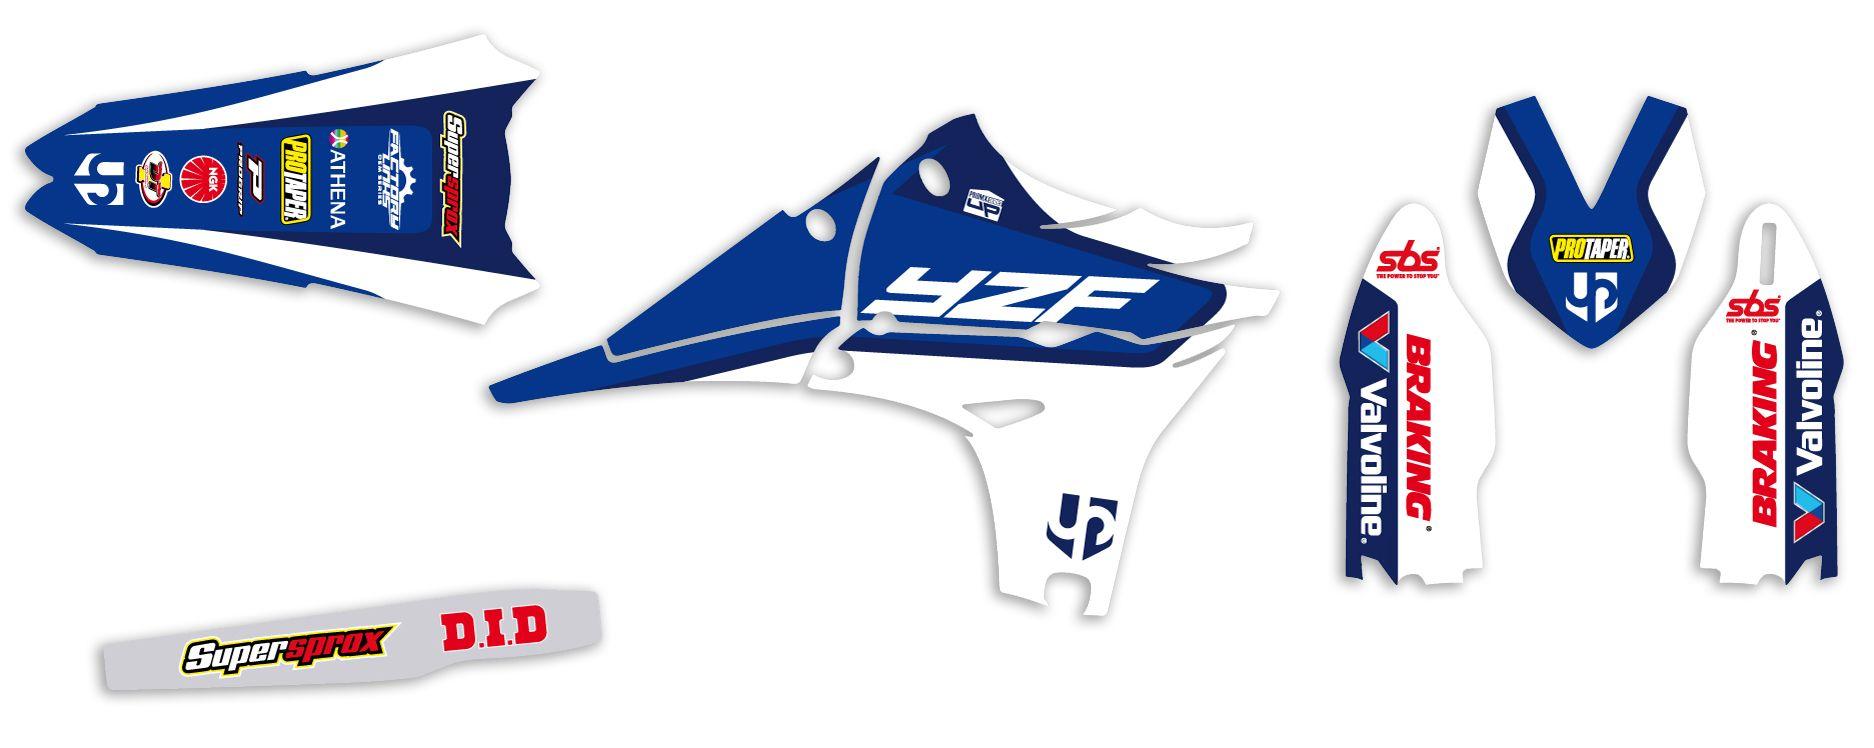 Kit déco Up Design pour Yamaha YZF 450 2010-2013